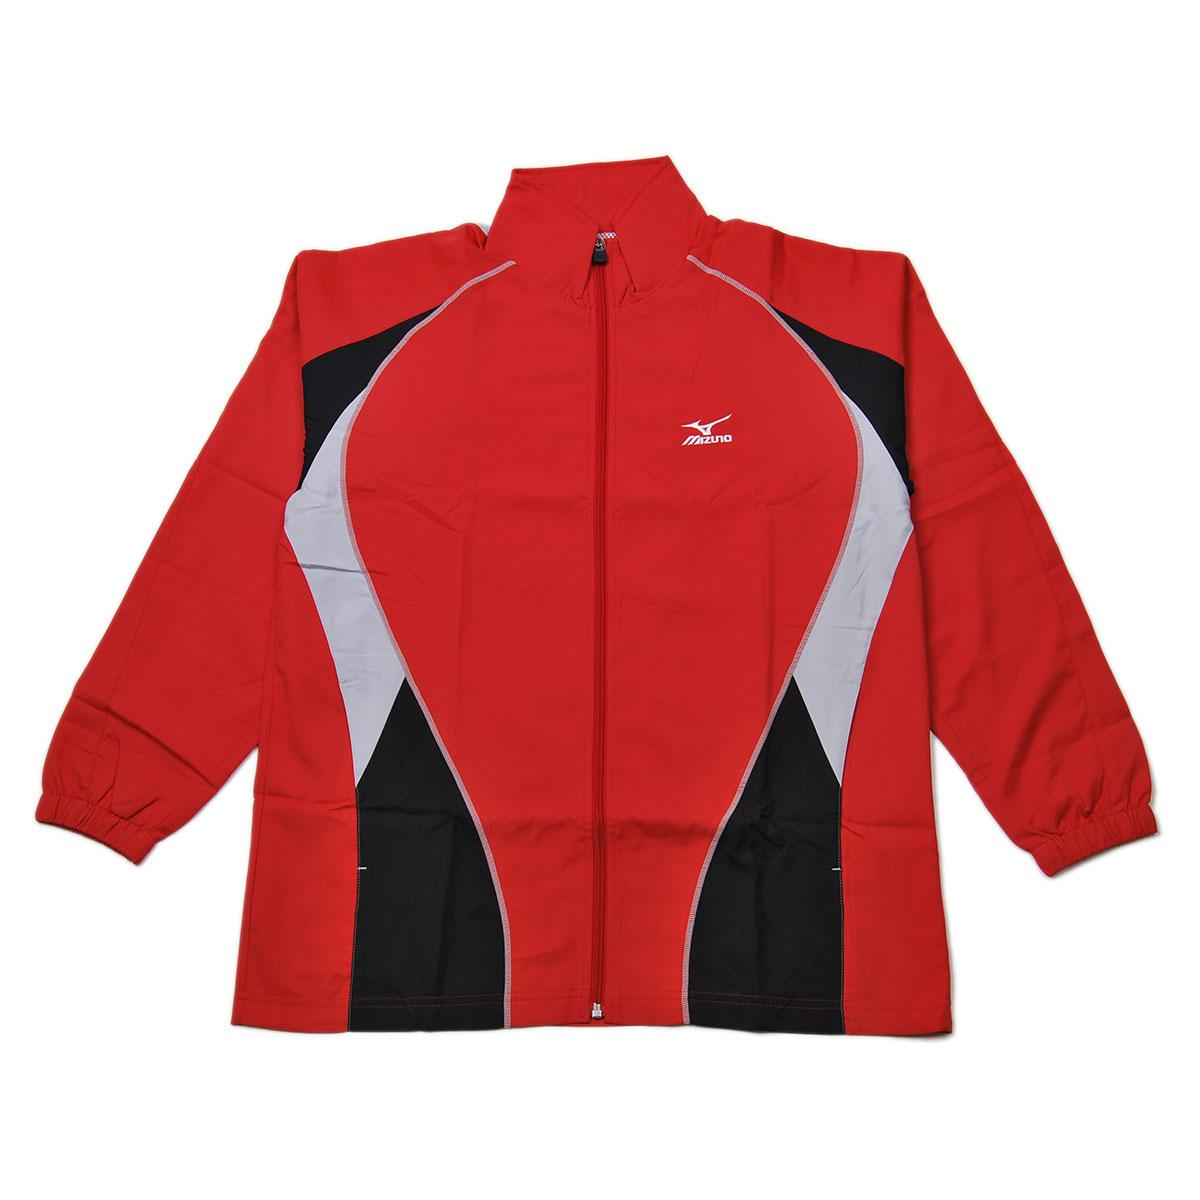 Спортивная куртка MIZUNO c62ws850 Для мужчин Молния Удерживающая тепло